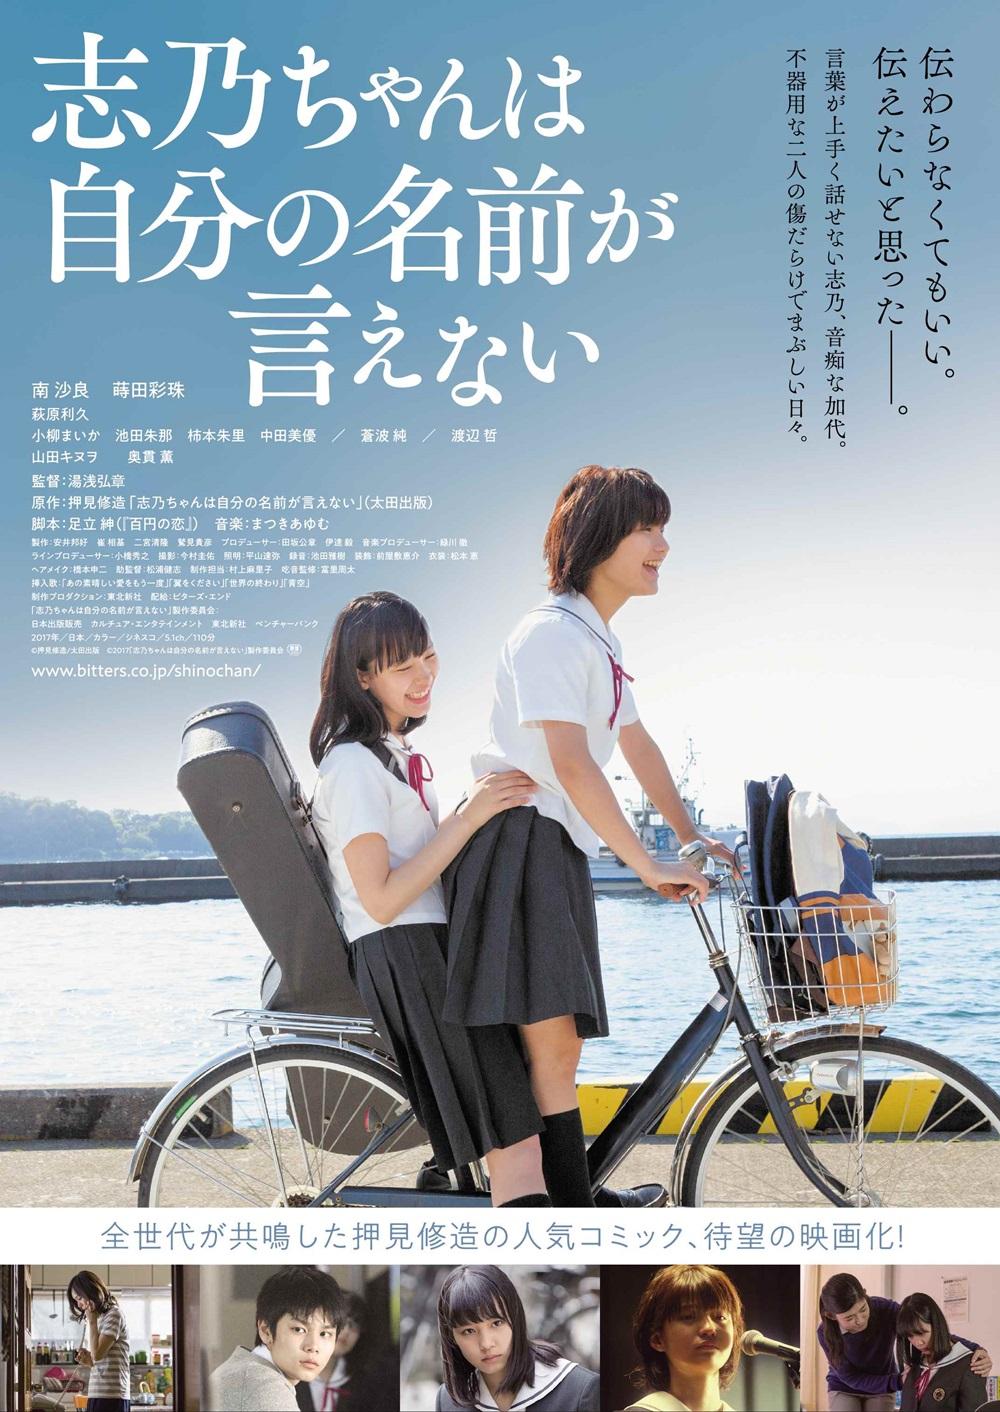 【画像】映画『志乃ちゃんは自分の名前が言えない』ポスタービジュアル